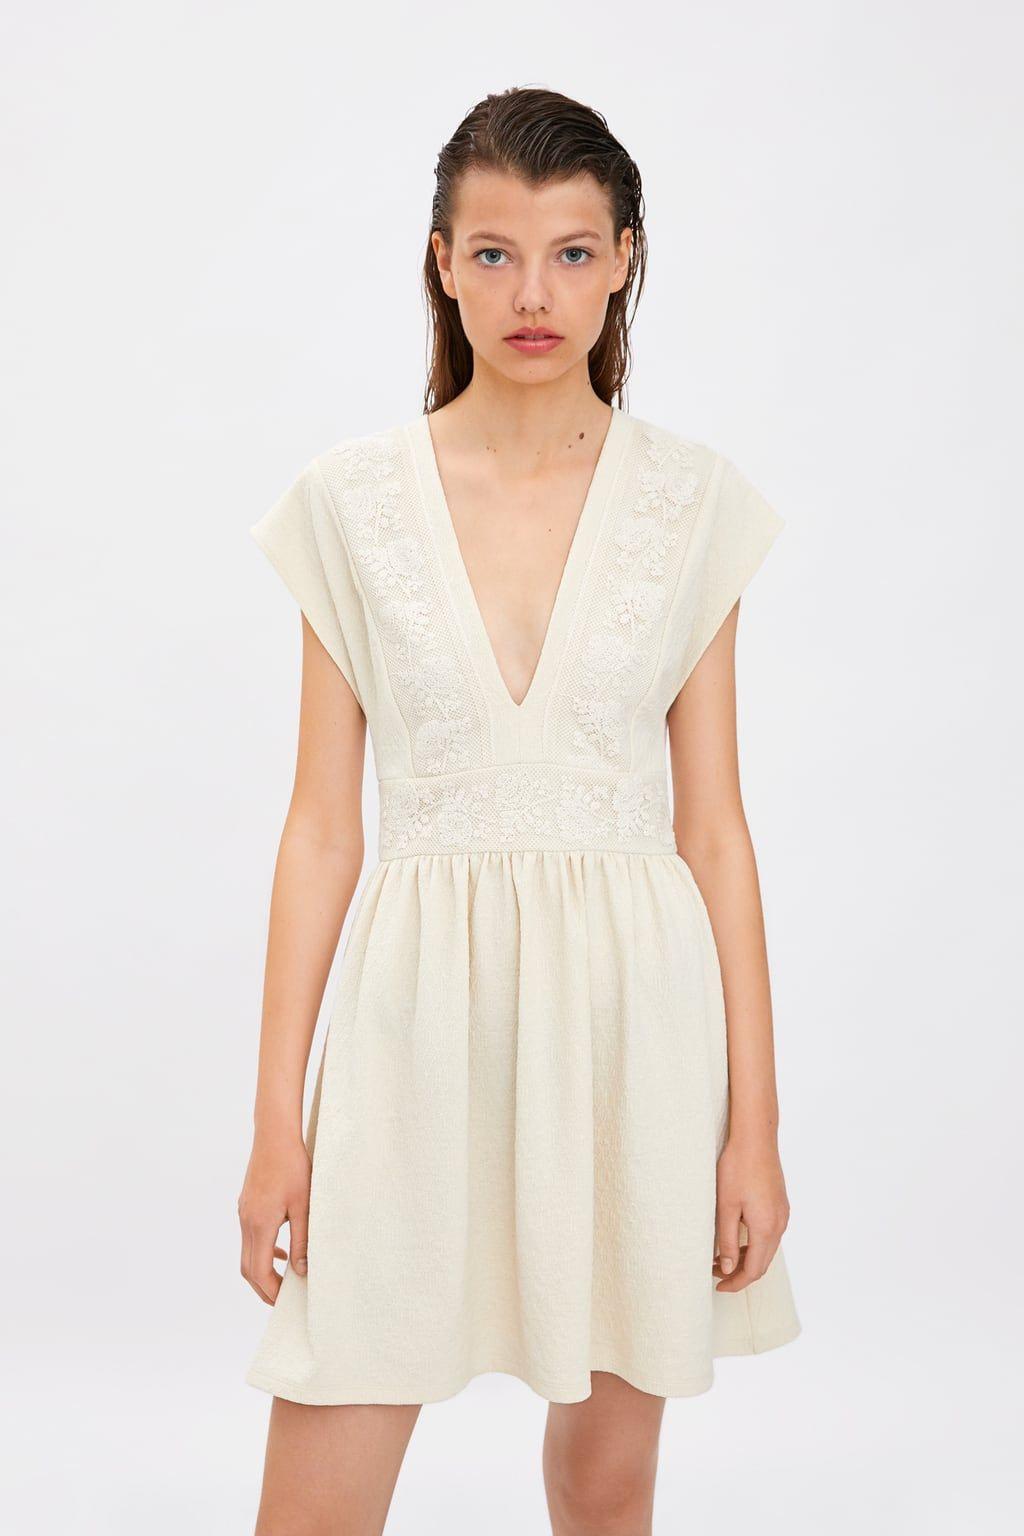 Γυναικεία Φορέματα  Νέα Κολεξιόν Online  Zara Ελλαδα